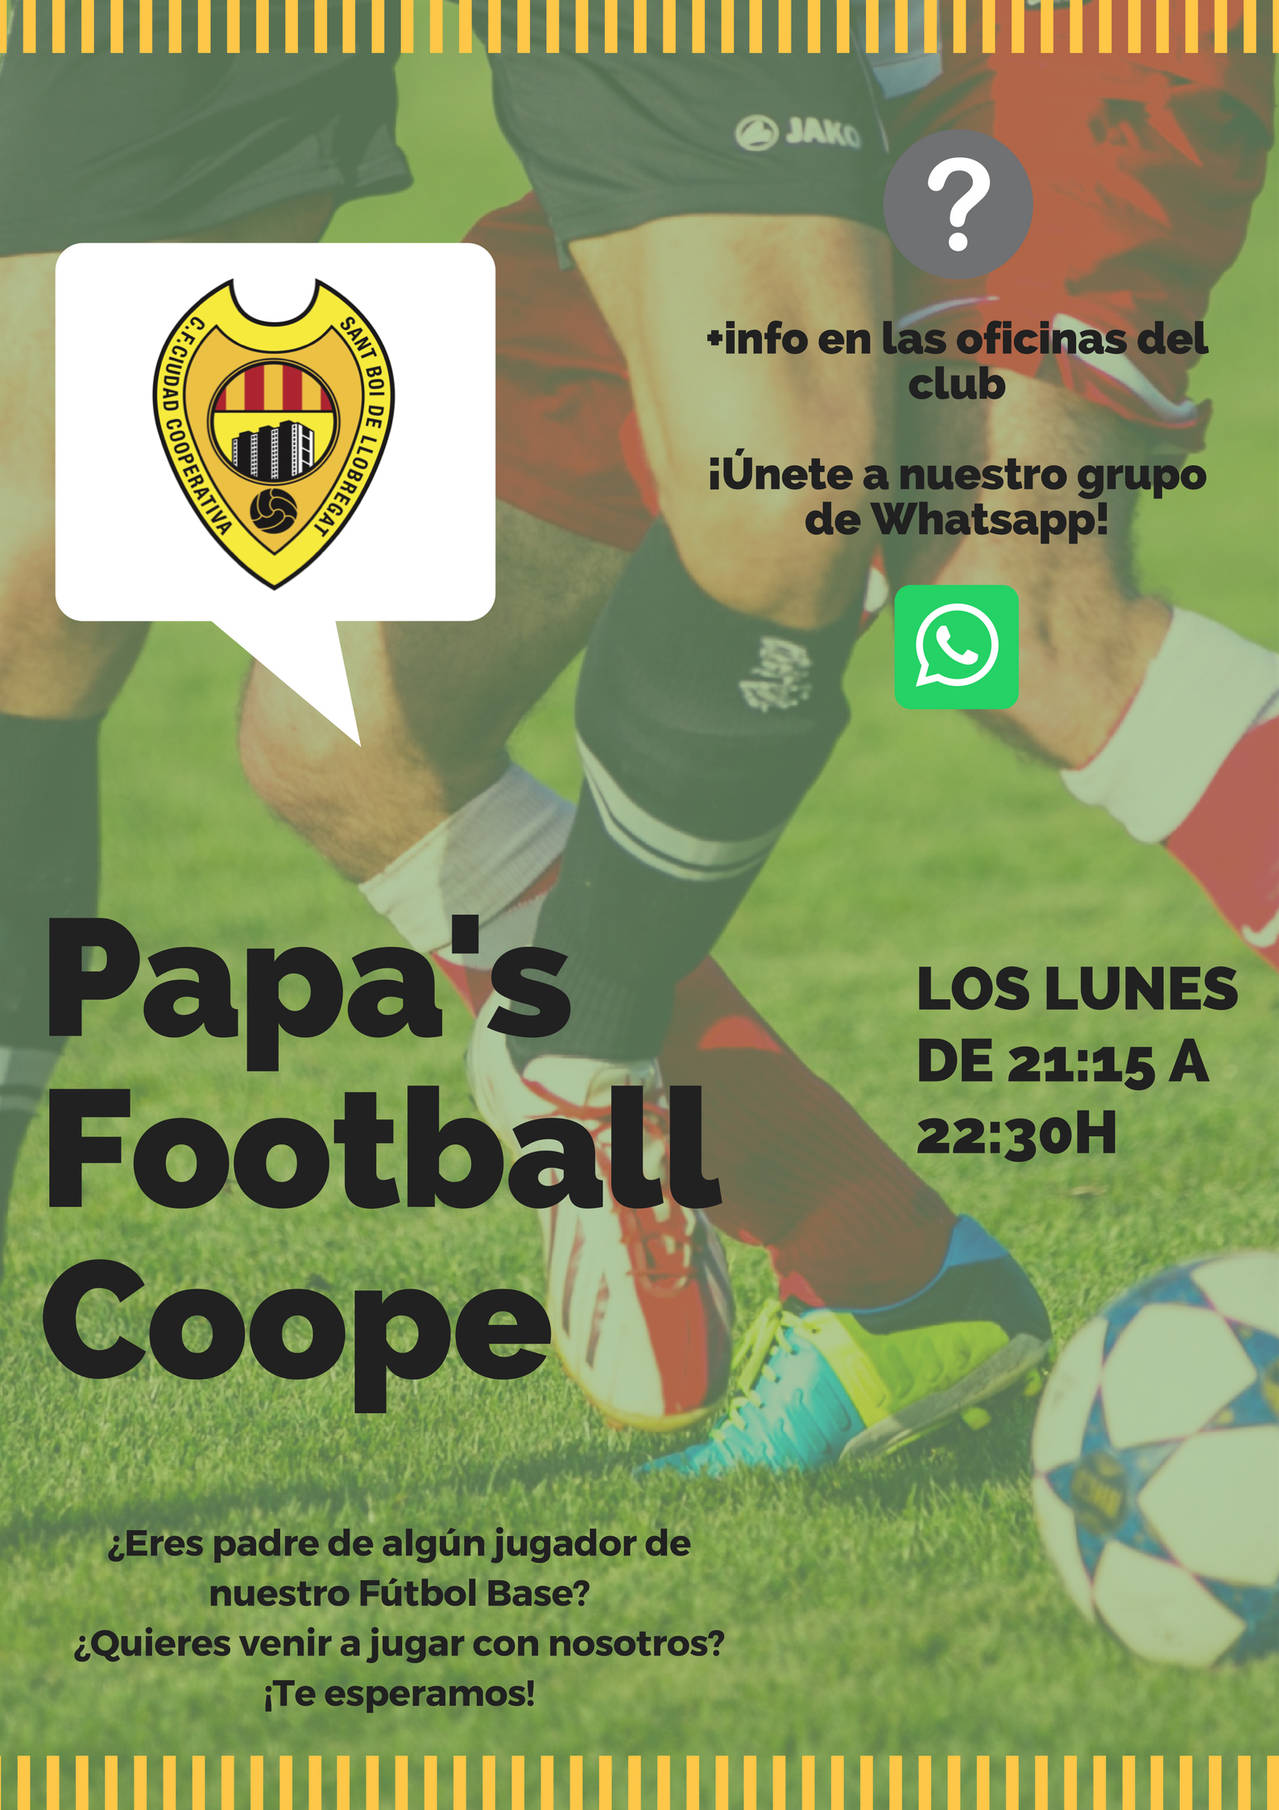 Papa's Football